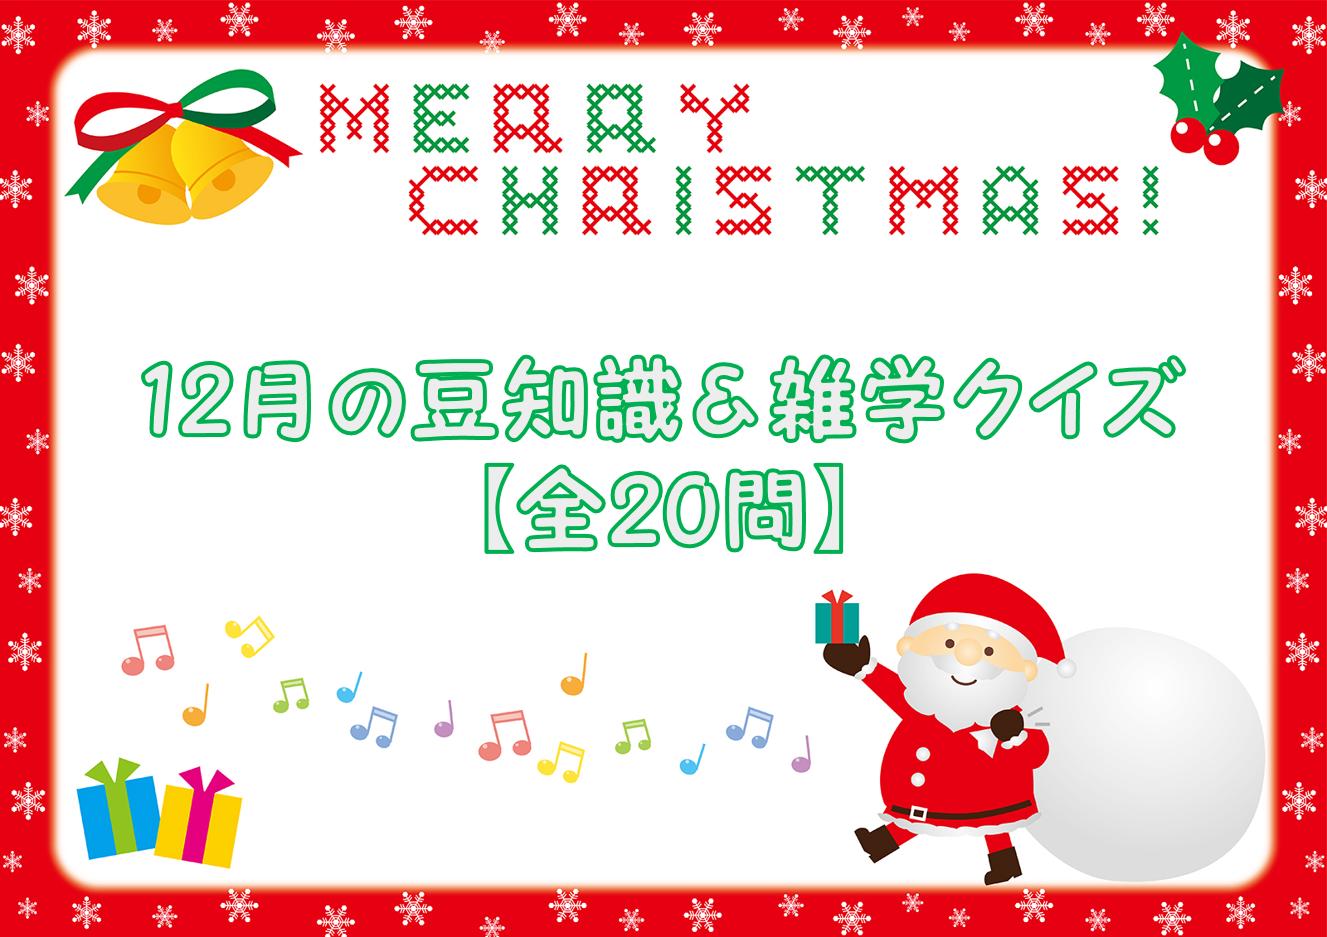 【12月の豆知識&雑学クイズ】12月に解きたい!!おもしろ問題集 全30問